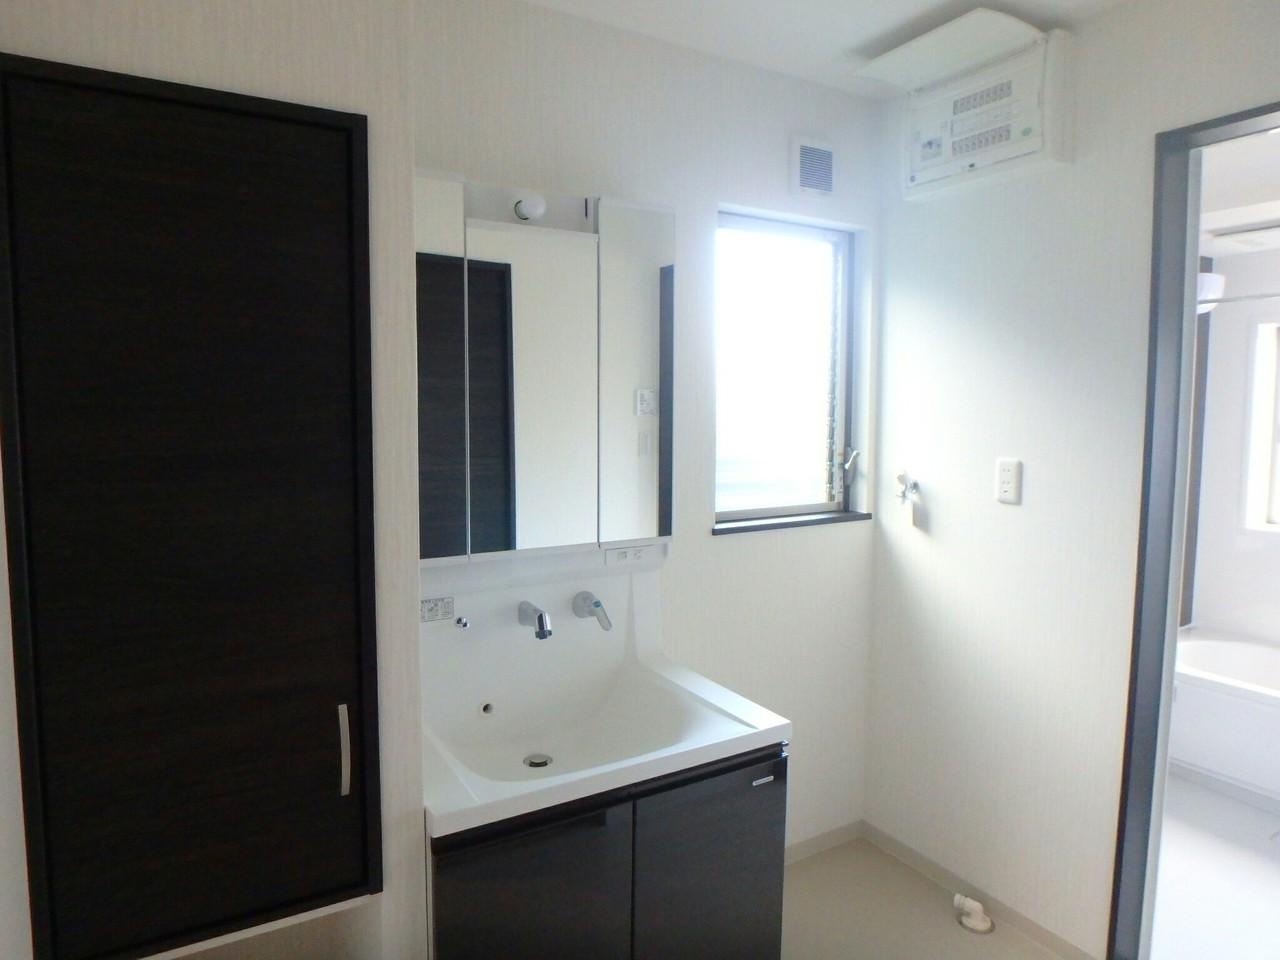 1Fトイレです。アラウーノでいつも清潔♪